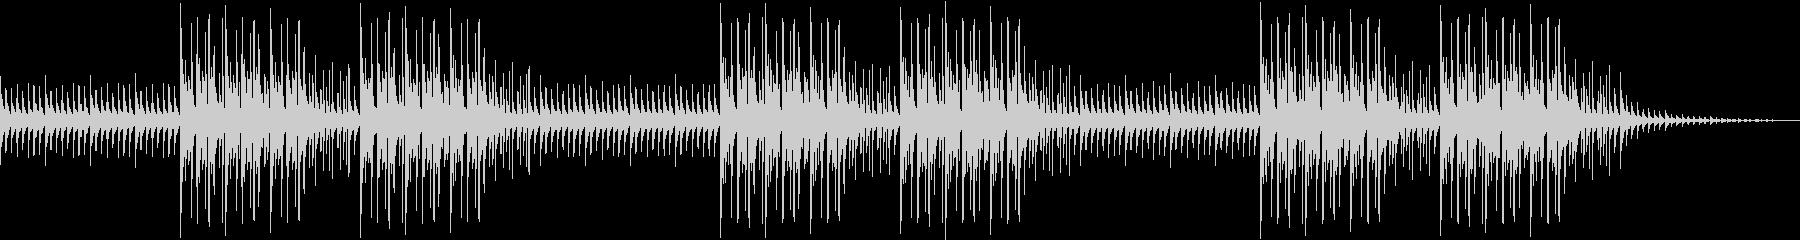 琴の旋律が生み出すオリエンタルなビートの未再生の波形